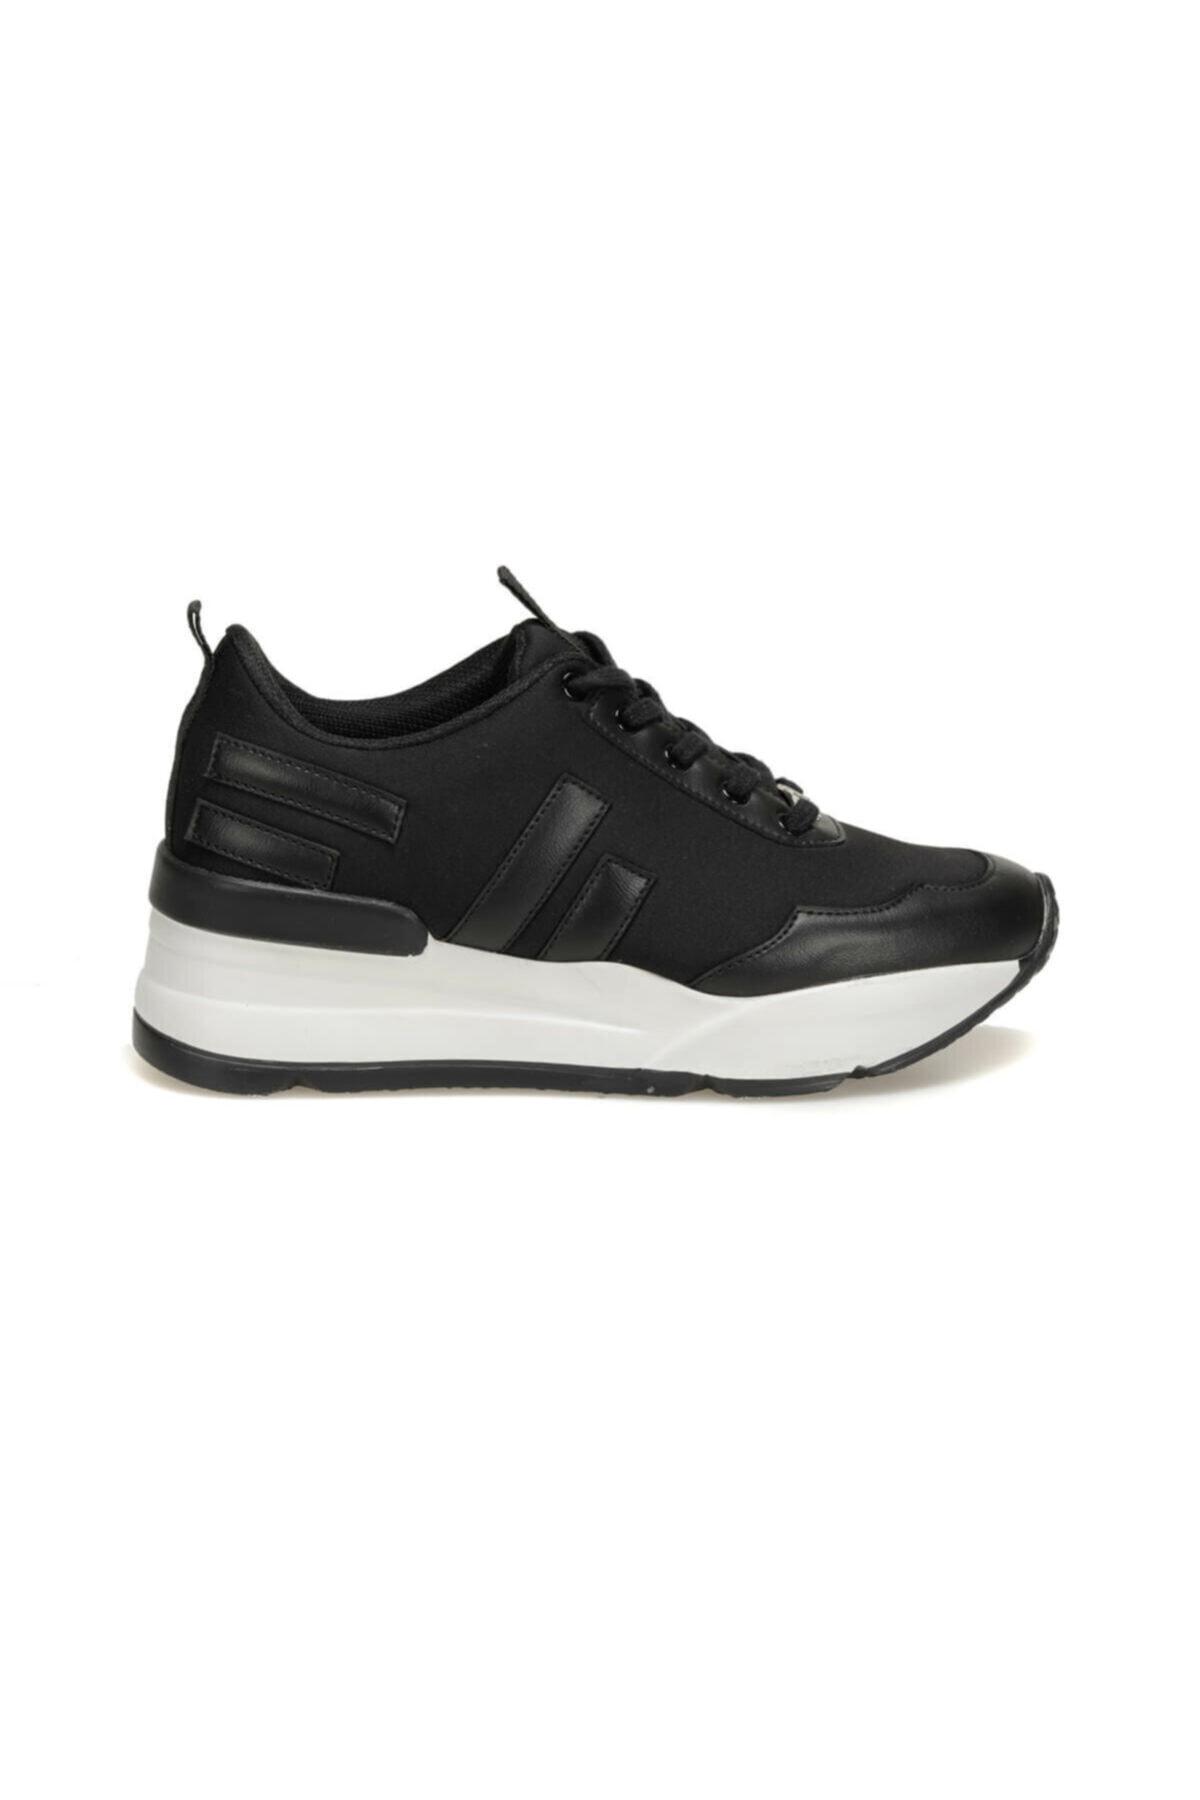 Butigo Z003-19K Siyah Kadın Kalın Taban Sneaker Spor Ayakkabı 100440395 2